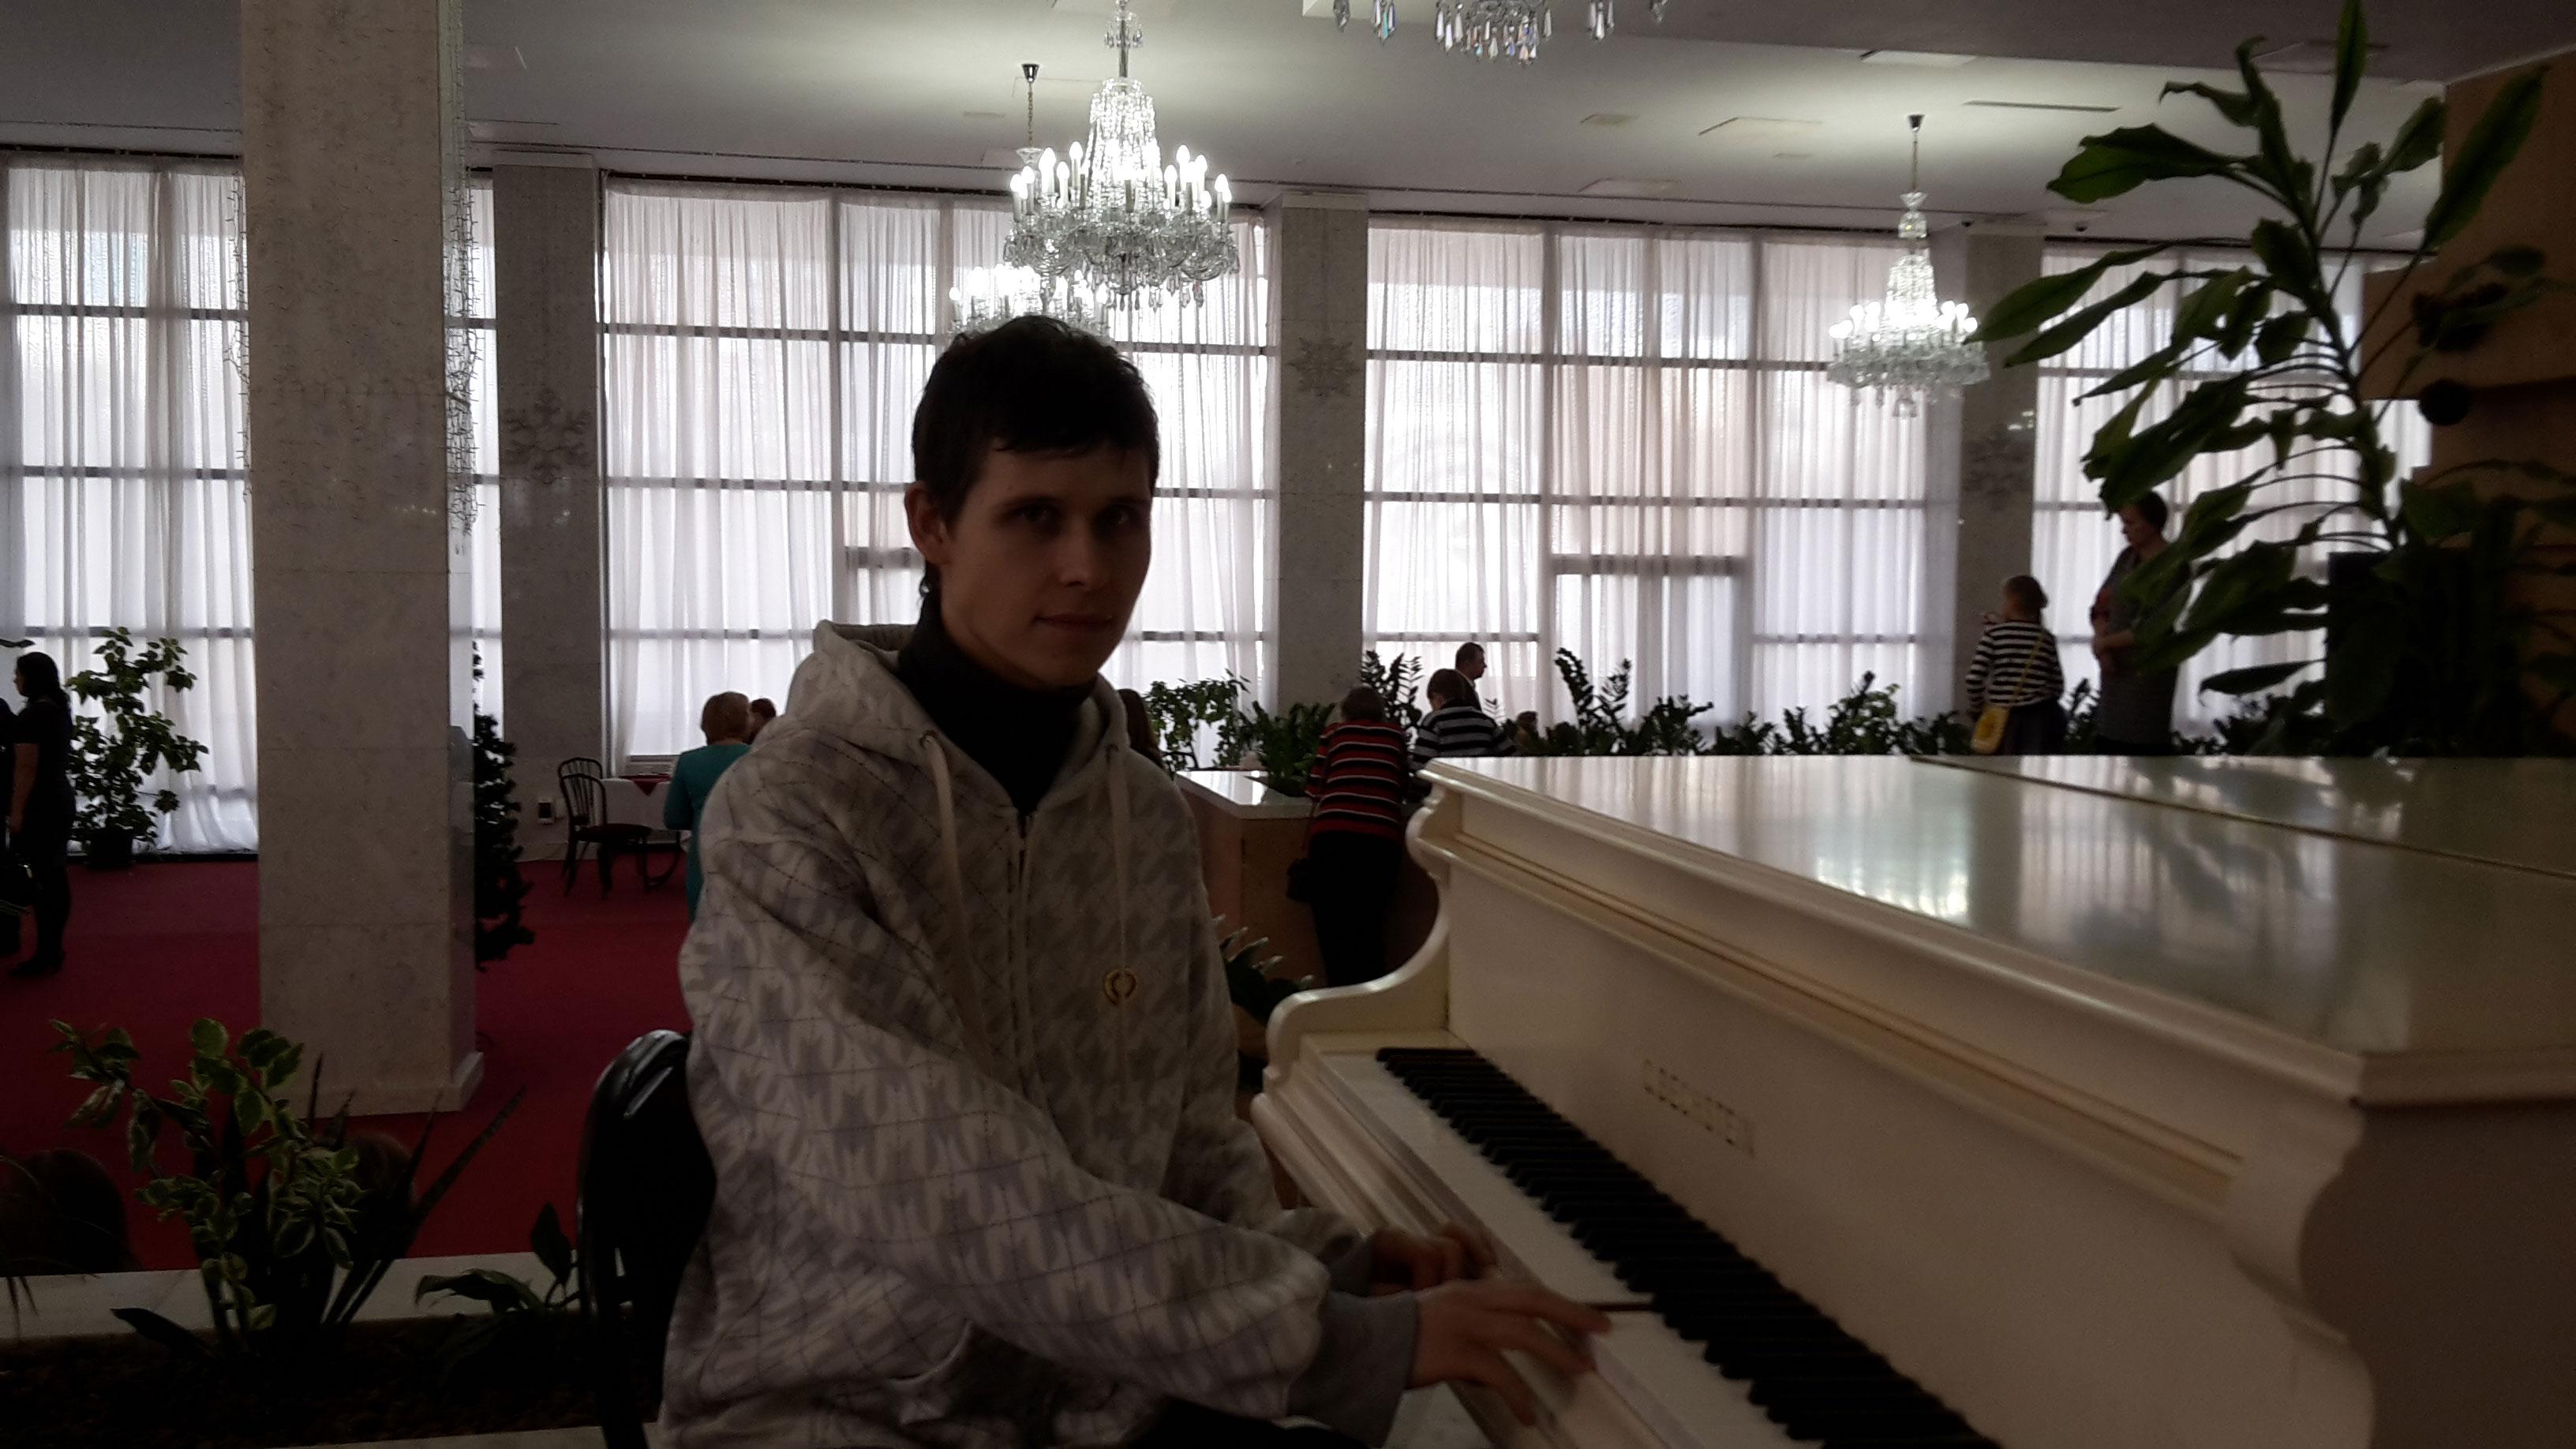 я провёл по клавишам пианино для создания мелодии